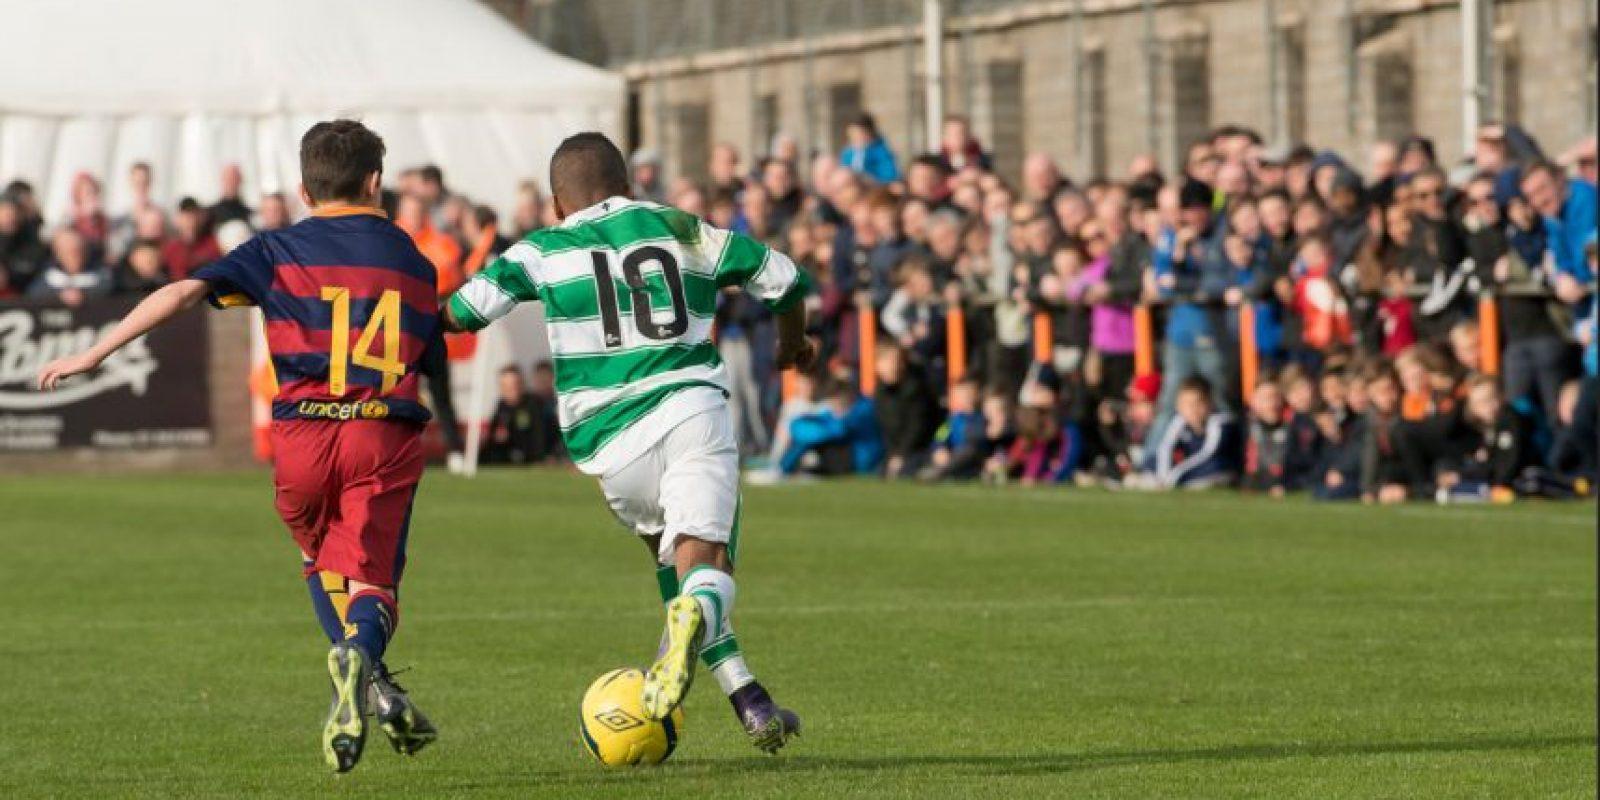 Pese a que ahora está en boca de todos, Dembélé salto a la fama tras lucirse en el torneo St Kevin's Academy Cup de este año. Foto:Paul Dolan-Flickr